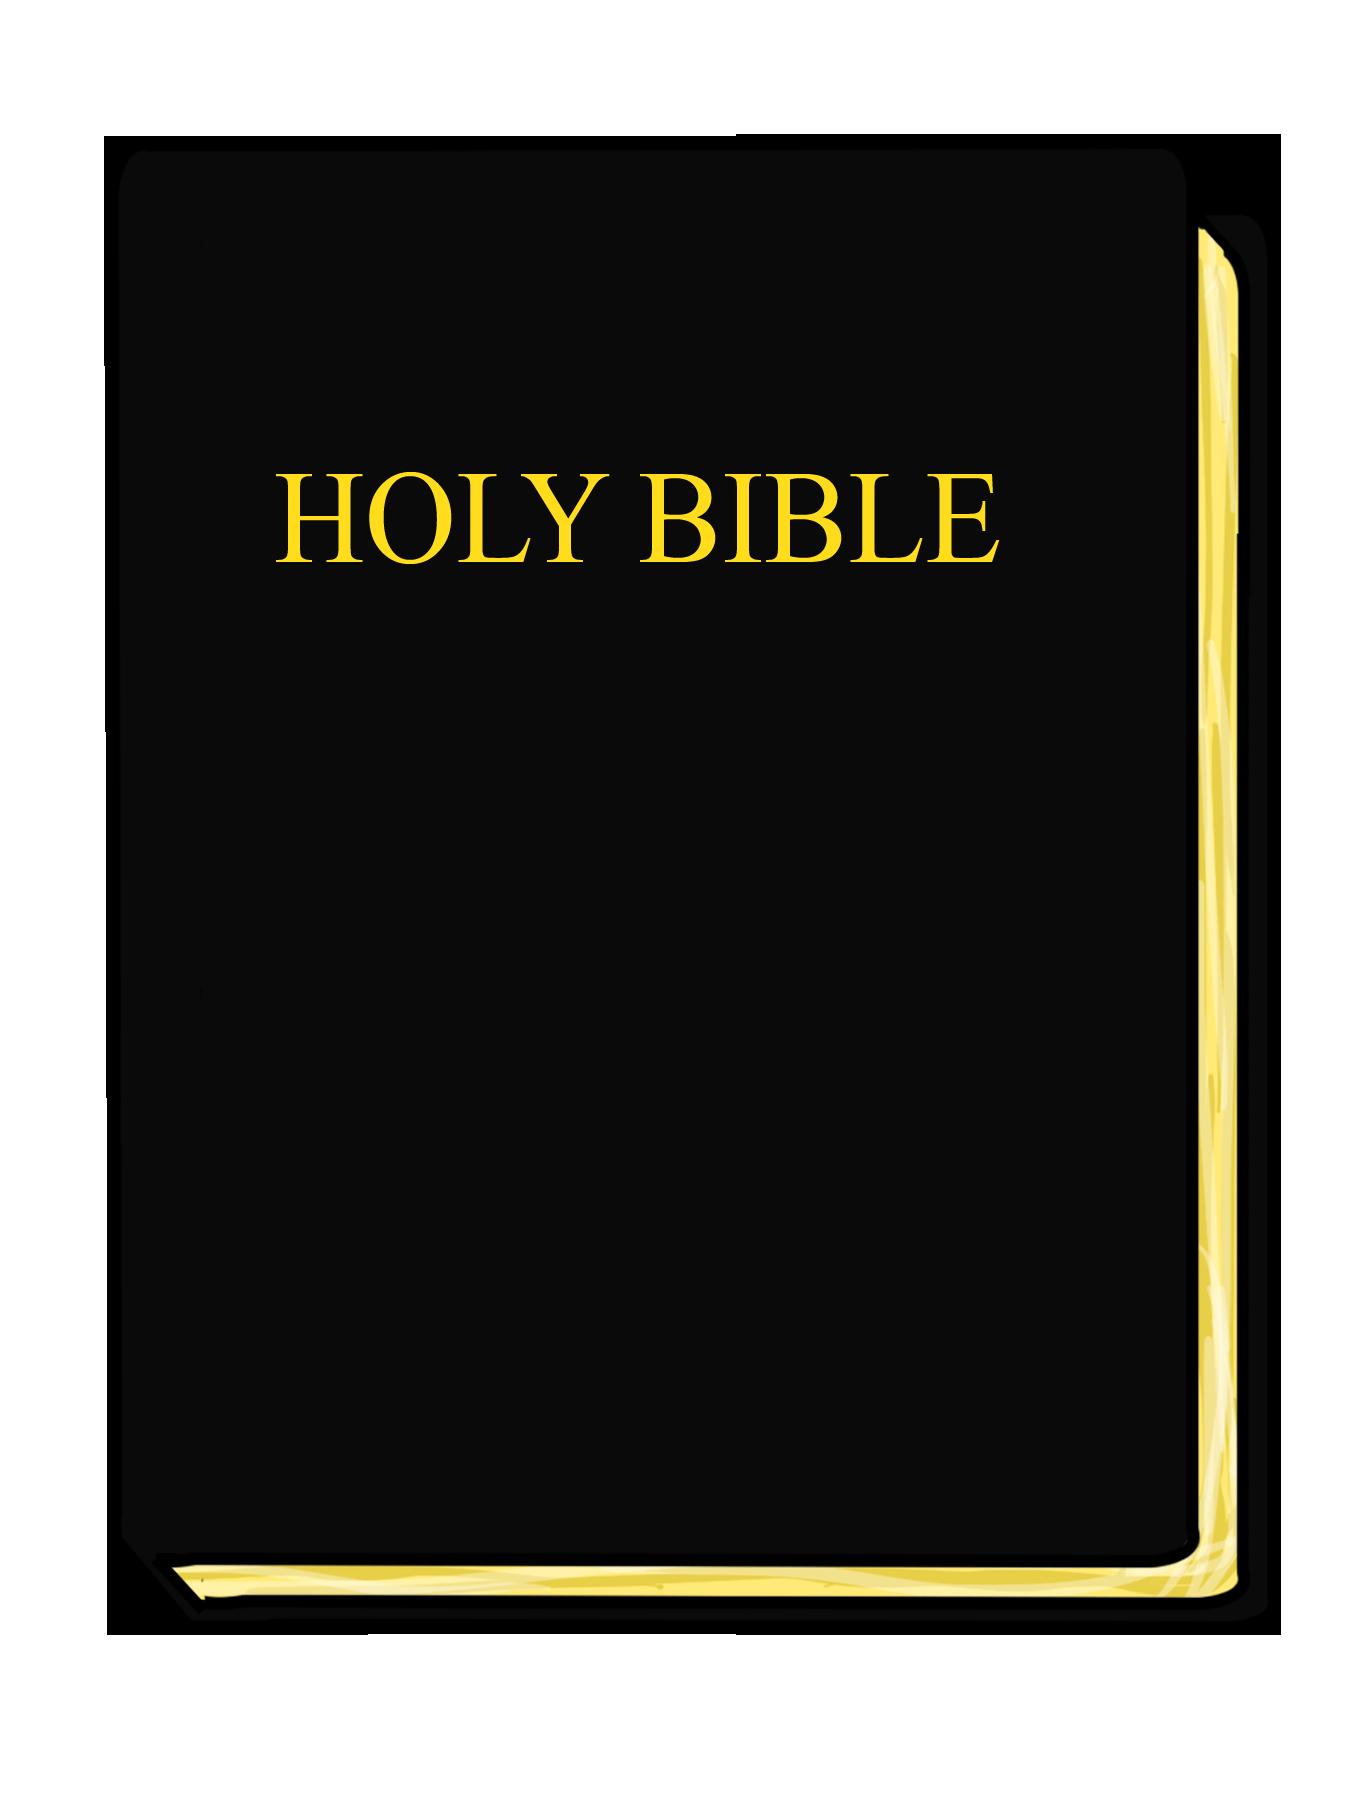 1350x1800 Free Bible Clip Art Images Clipartix 3